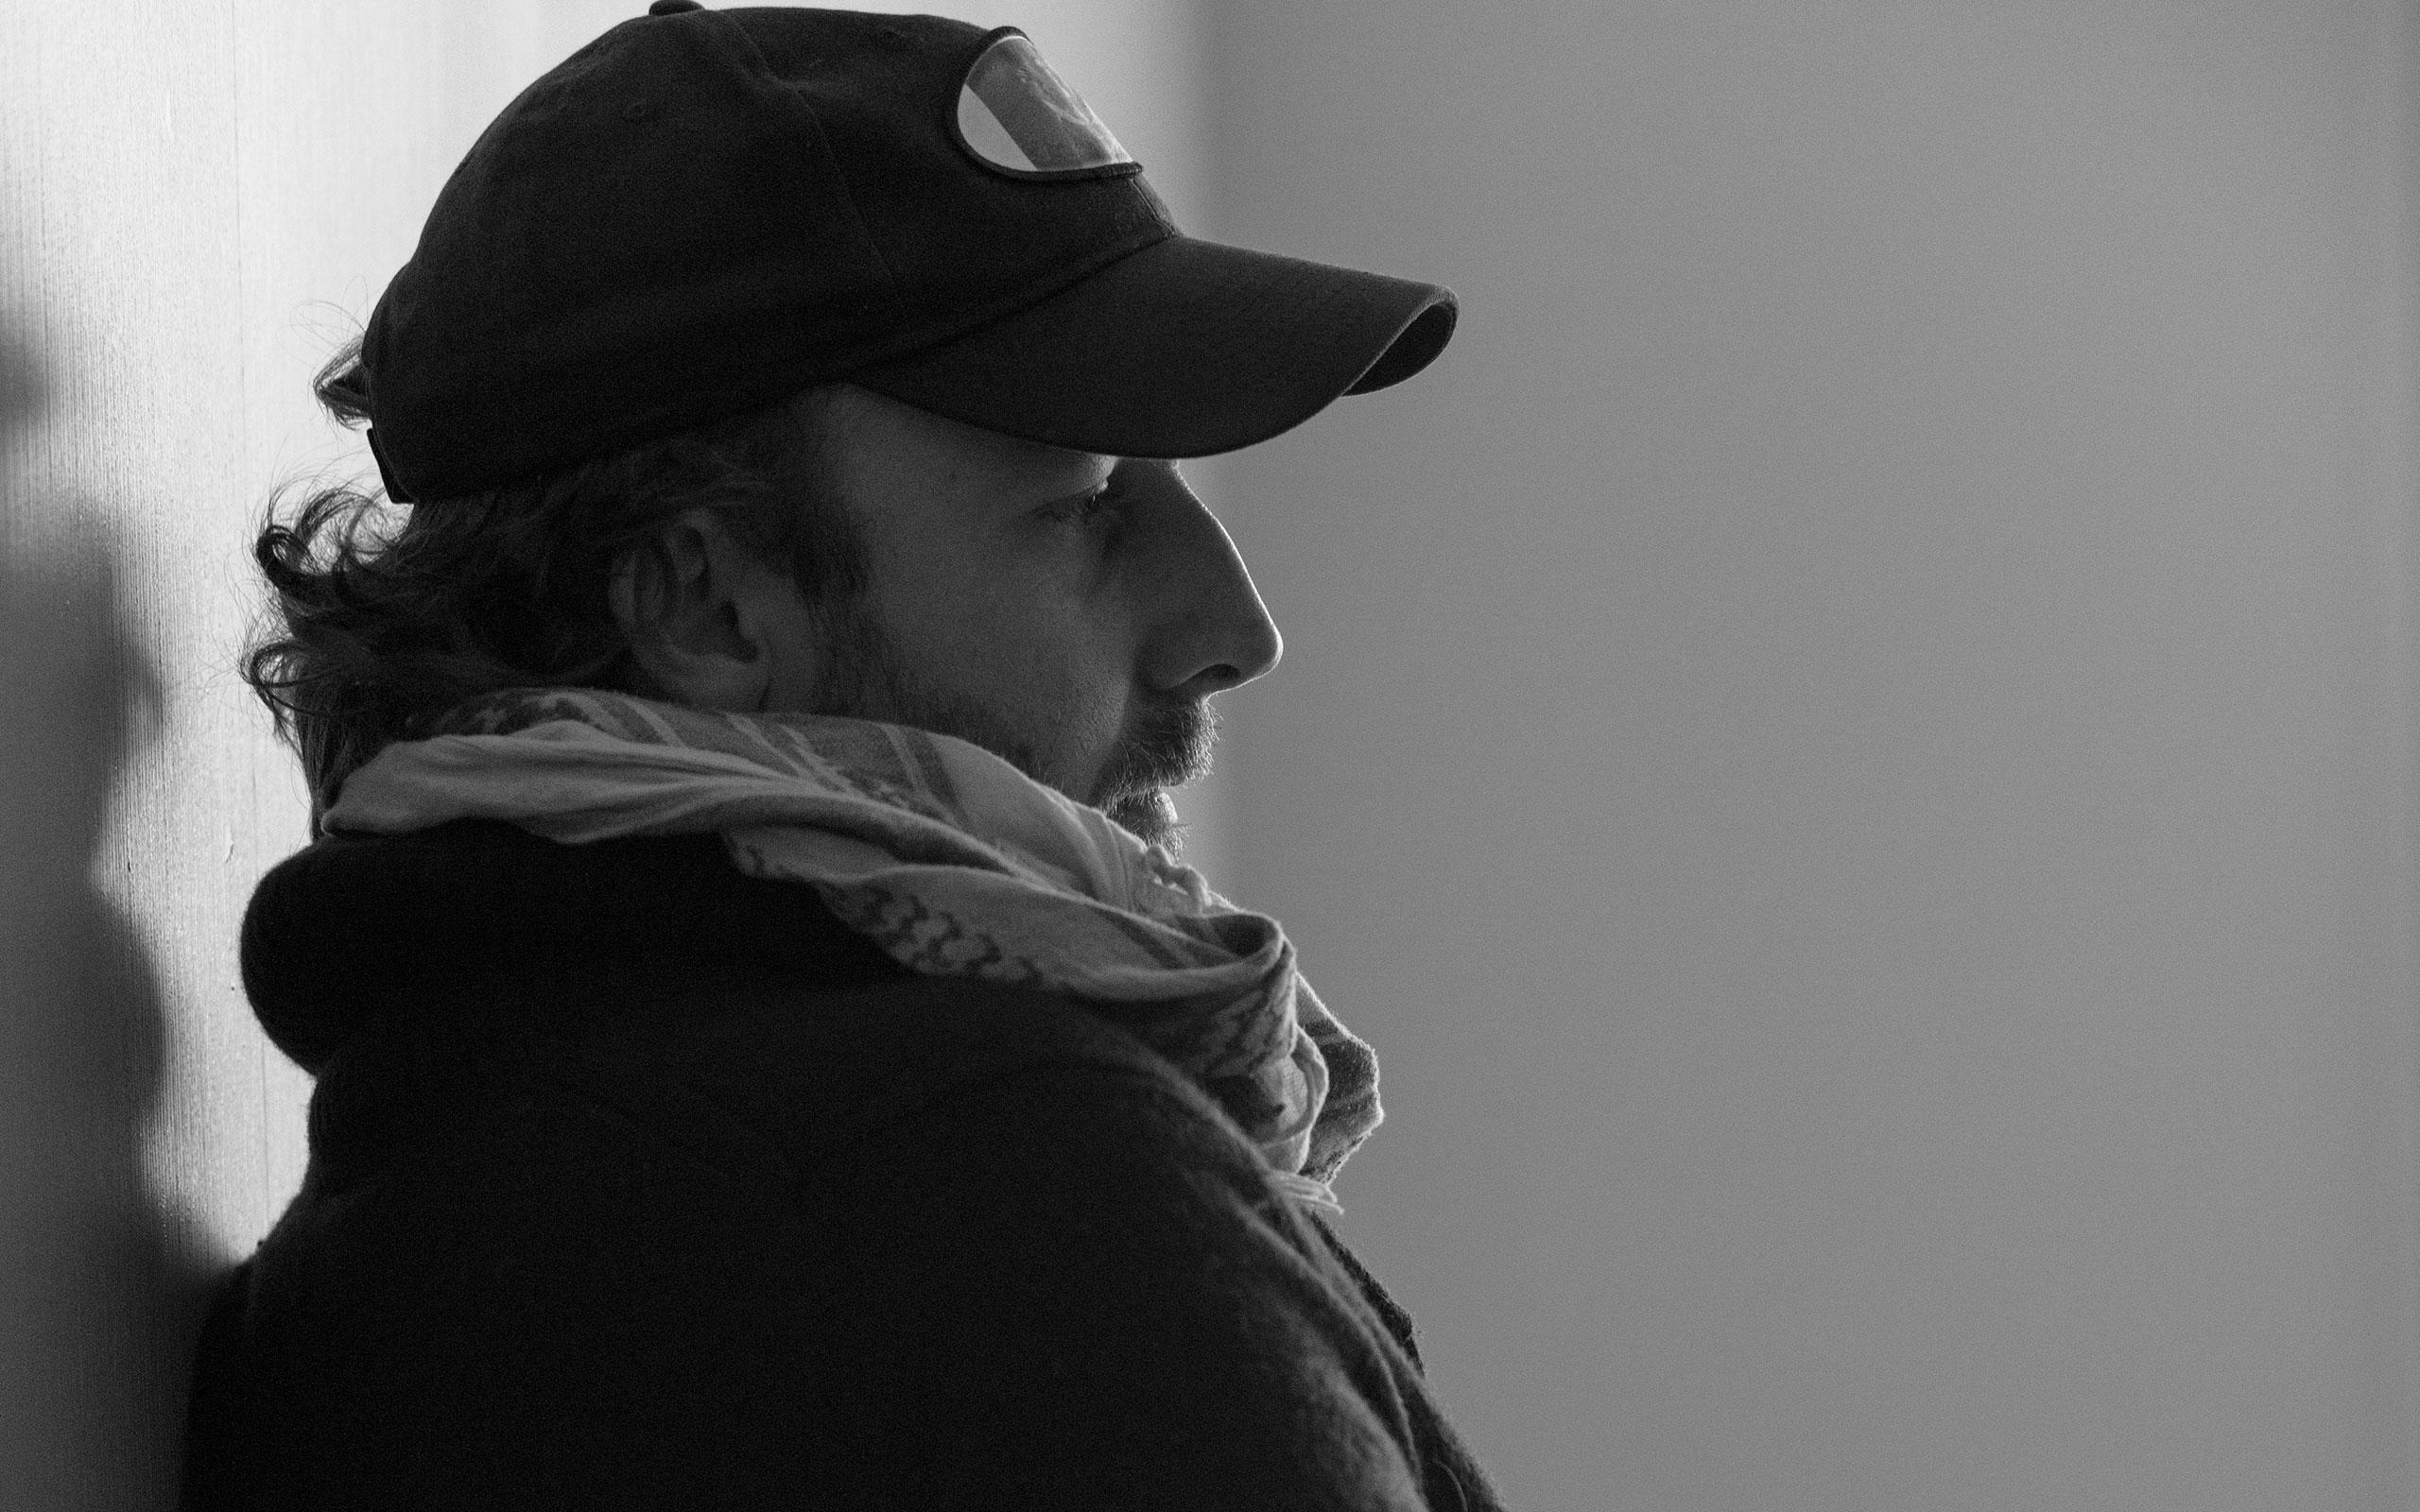 映画監督 Derek Cianfrance (デレク・シアンフランス) 、『光をくれた人』を語る